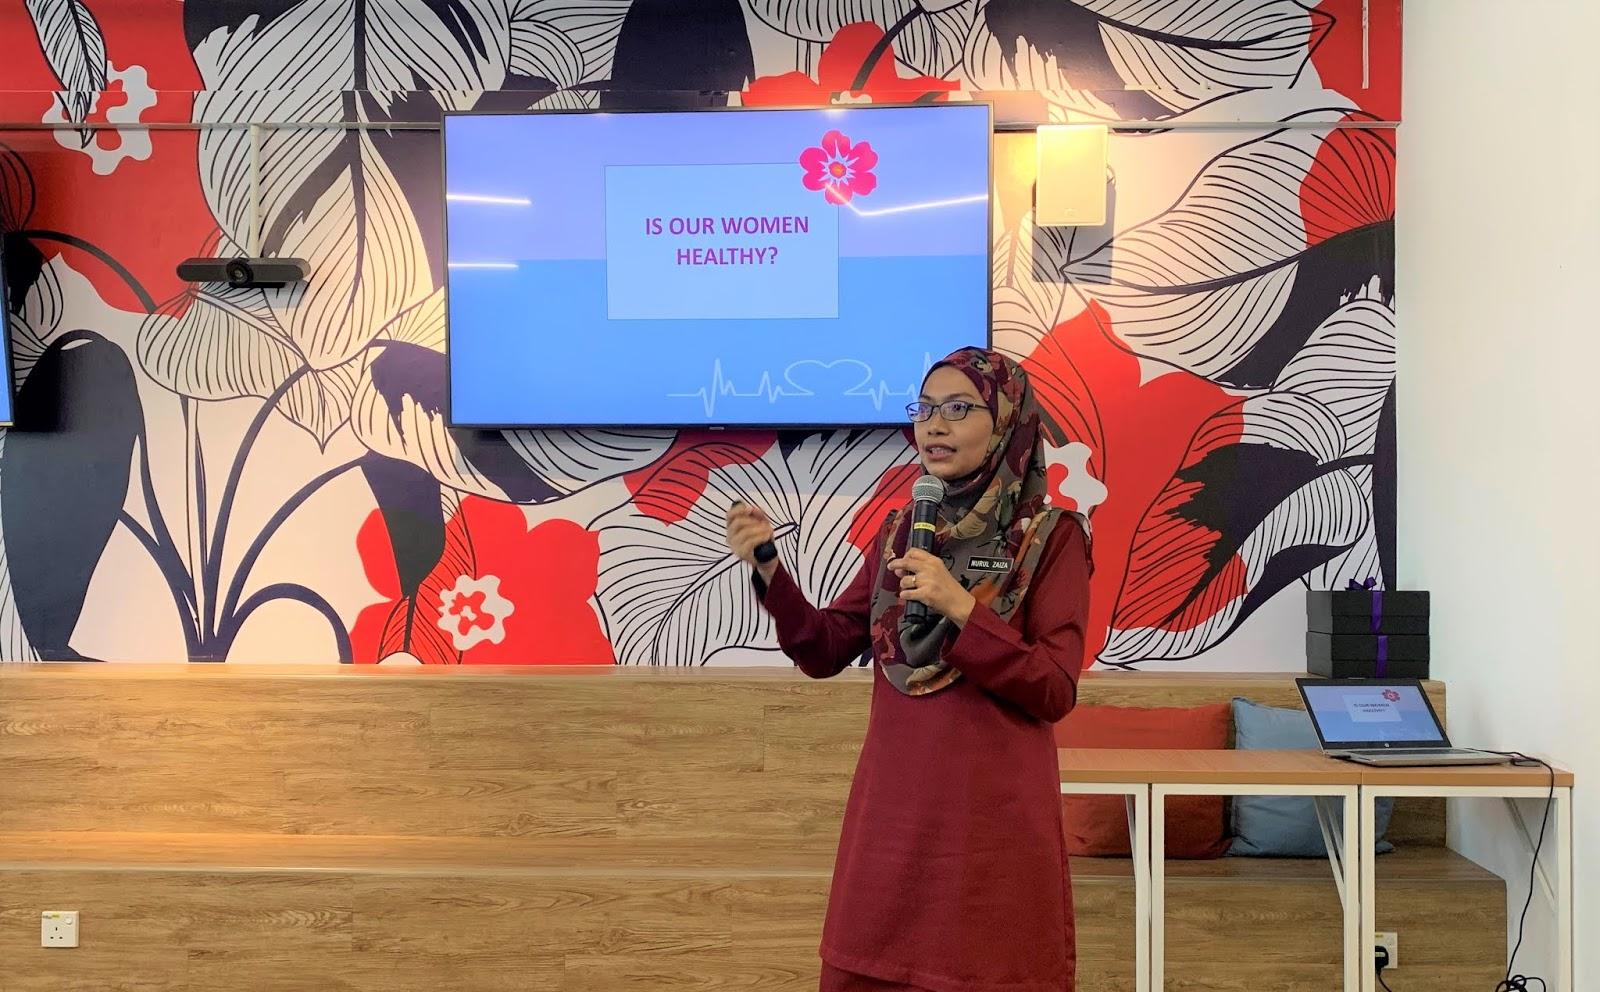 Nutritionist Kementerian Kesihatan Malaysia